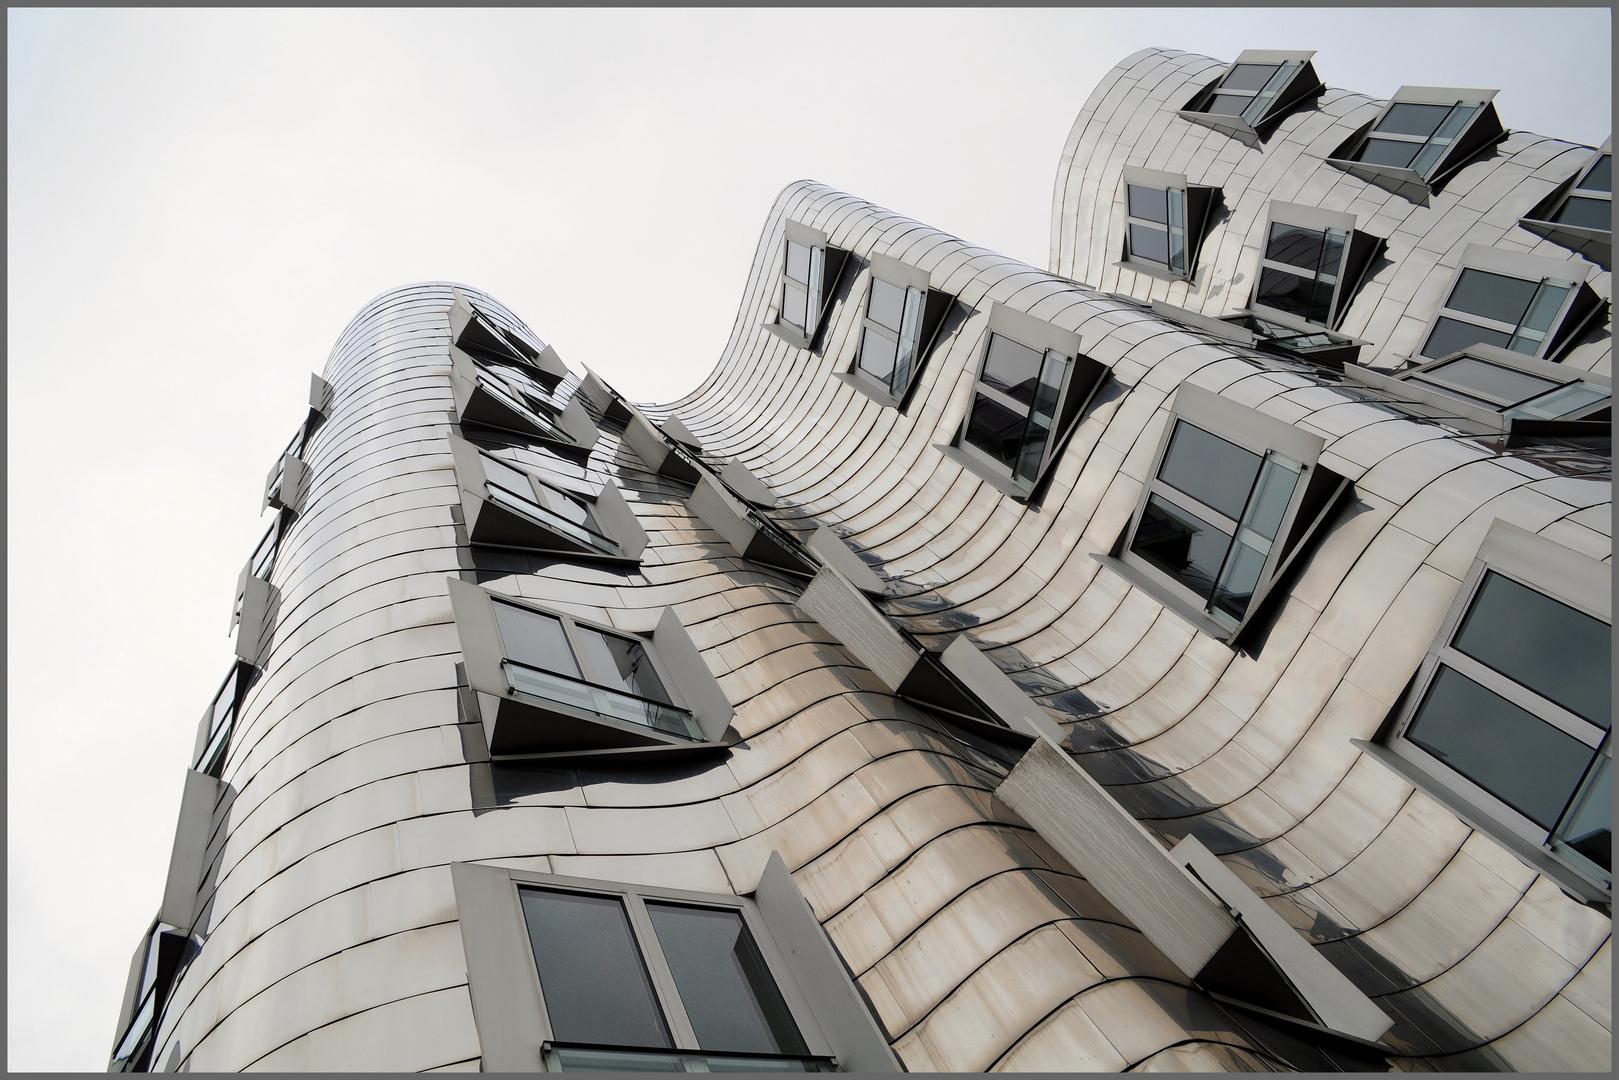 - Architektur in Wellen und Edelstahl -